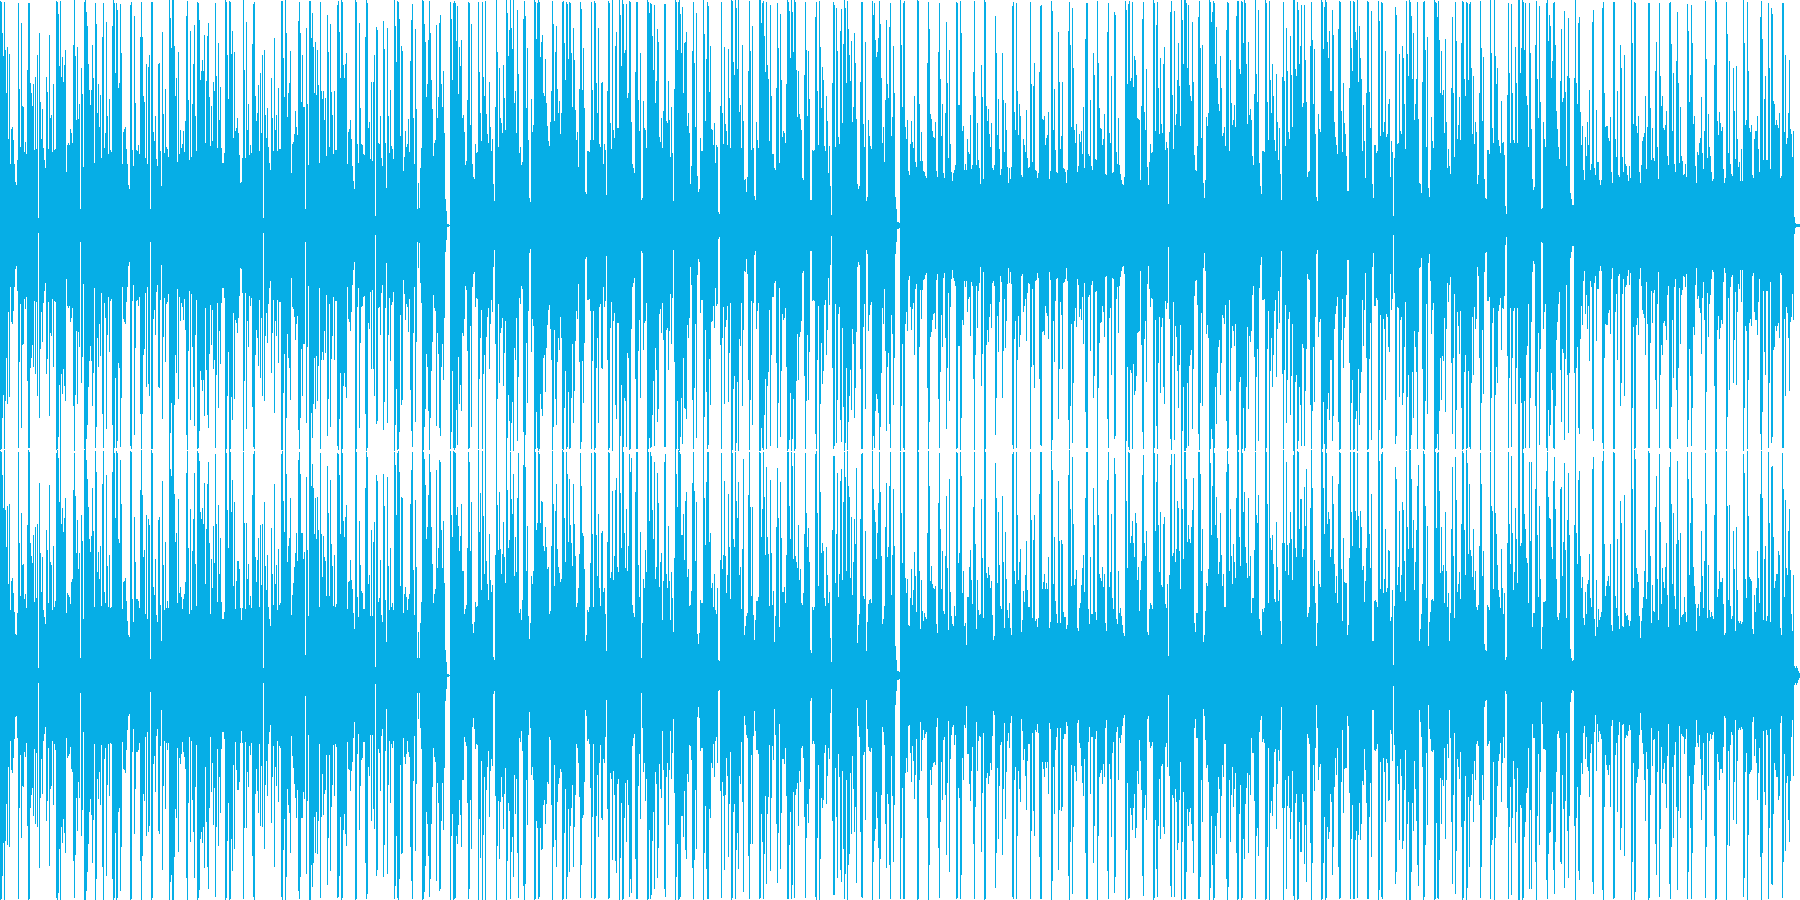 ハードボイルドな雰囲気のクールなテクノの再生済みの波形